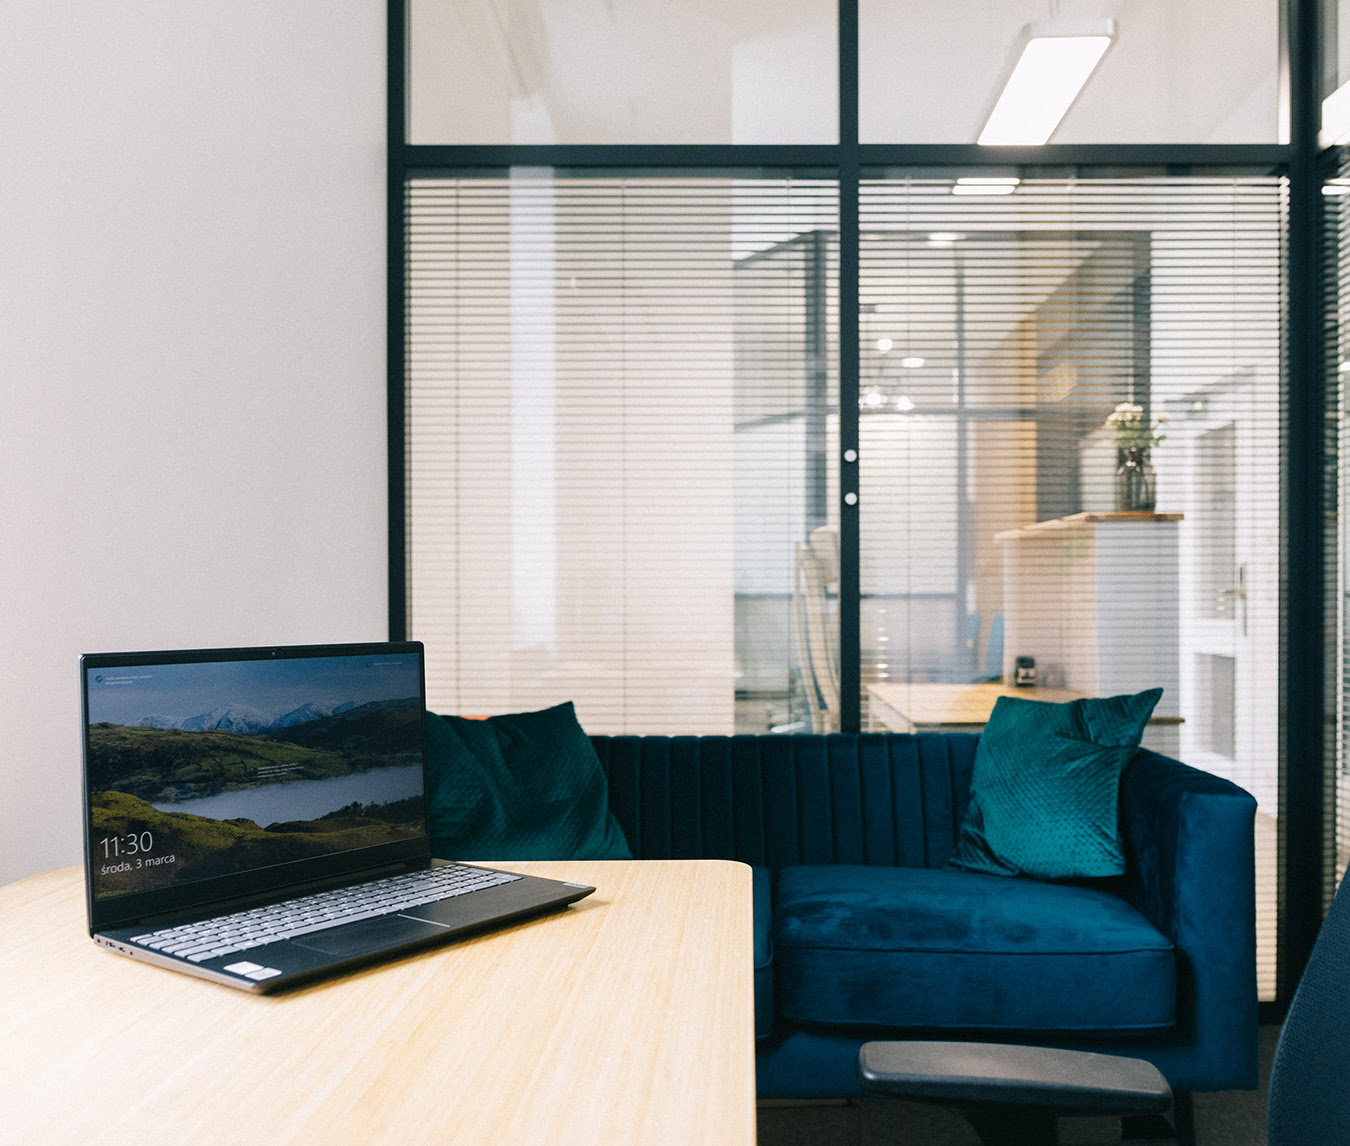 legal-venue-biuro-dla-prawnika-siedziba-kancelarii-adres-sala-konferencyjna